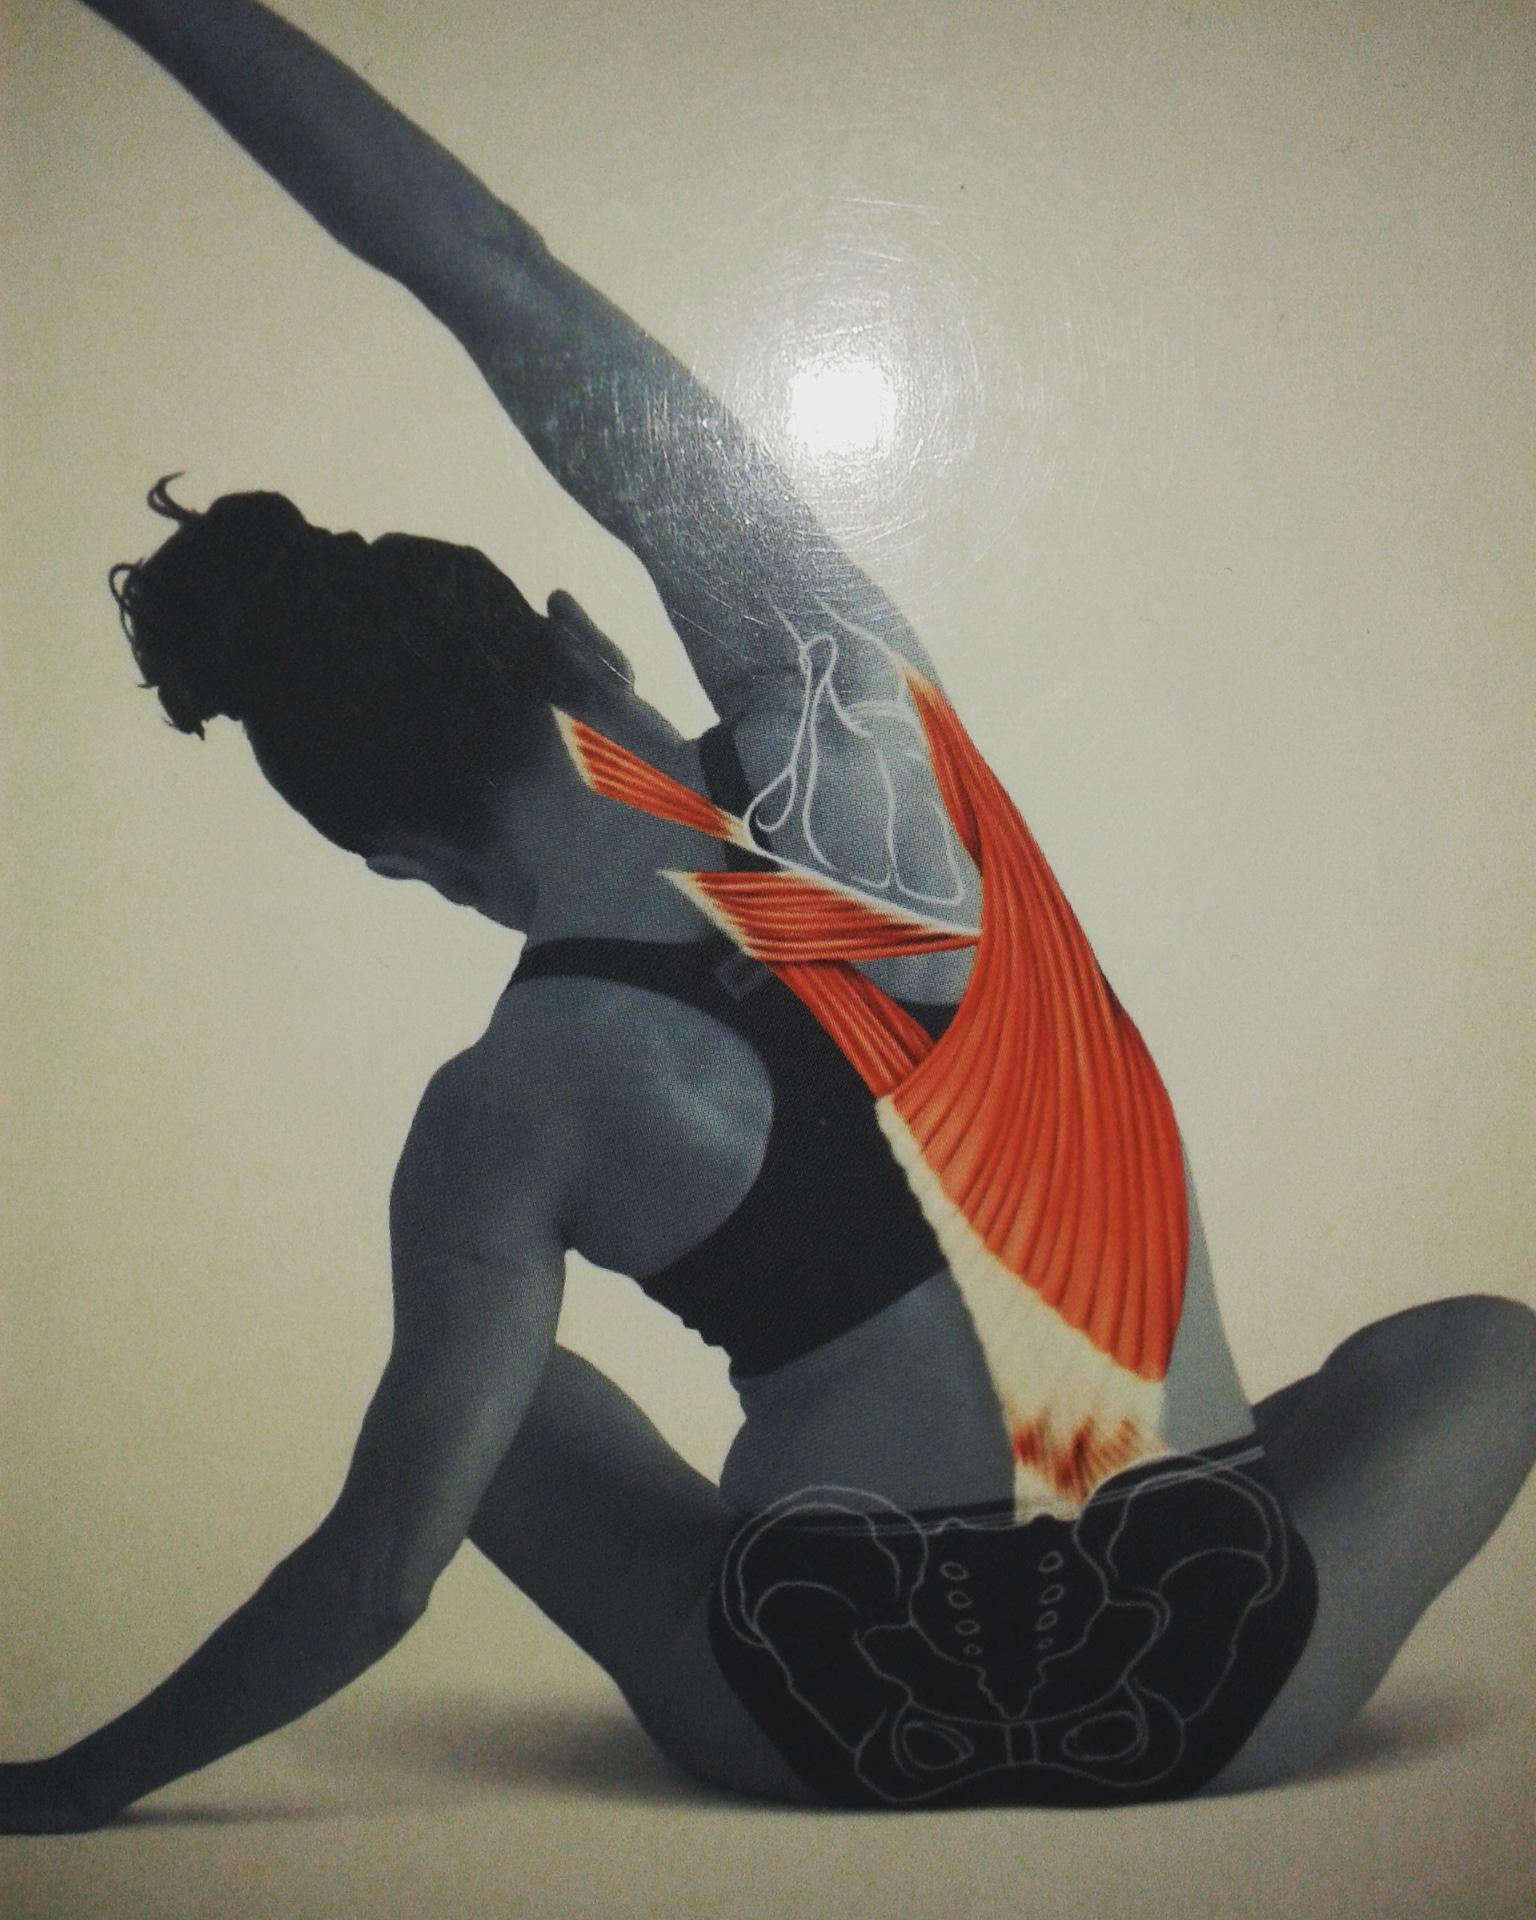 Beneficios del Yoga Pilates Barra SISTEMA DARSHAN comparados con otros sistemas y con yoga